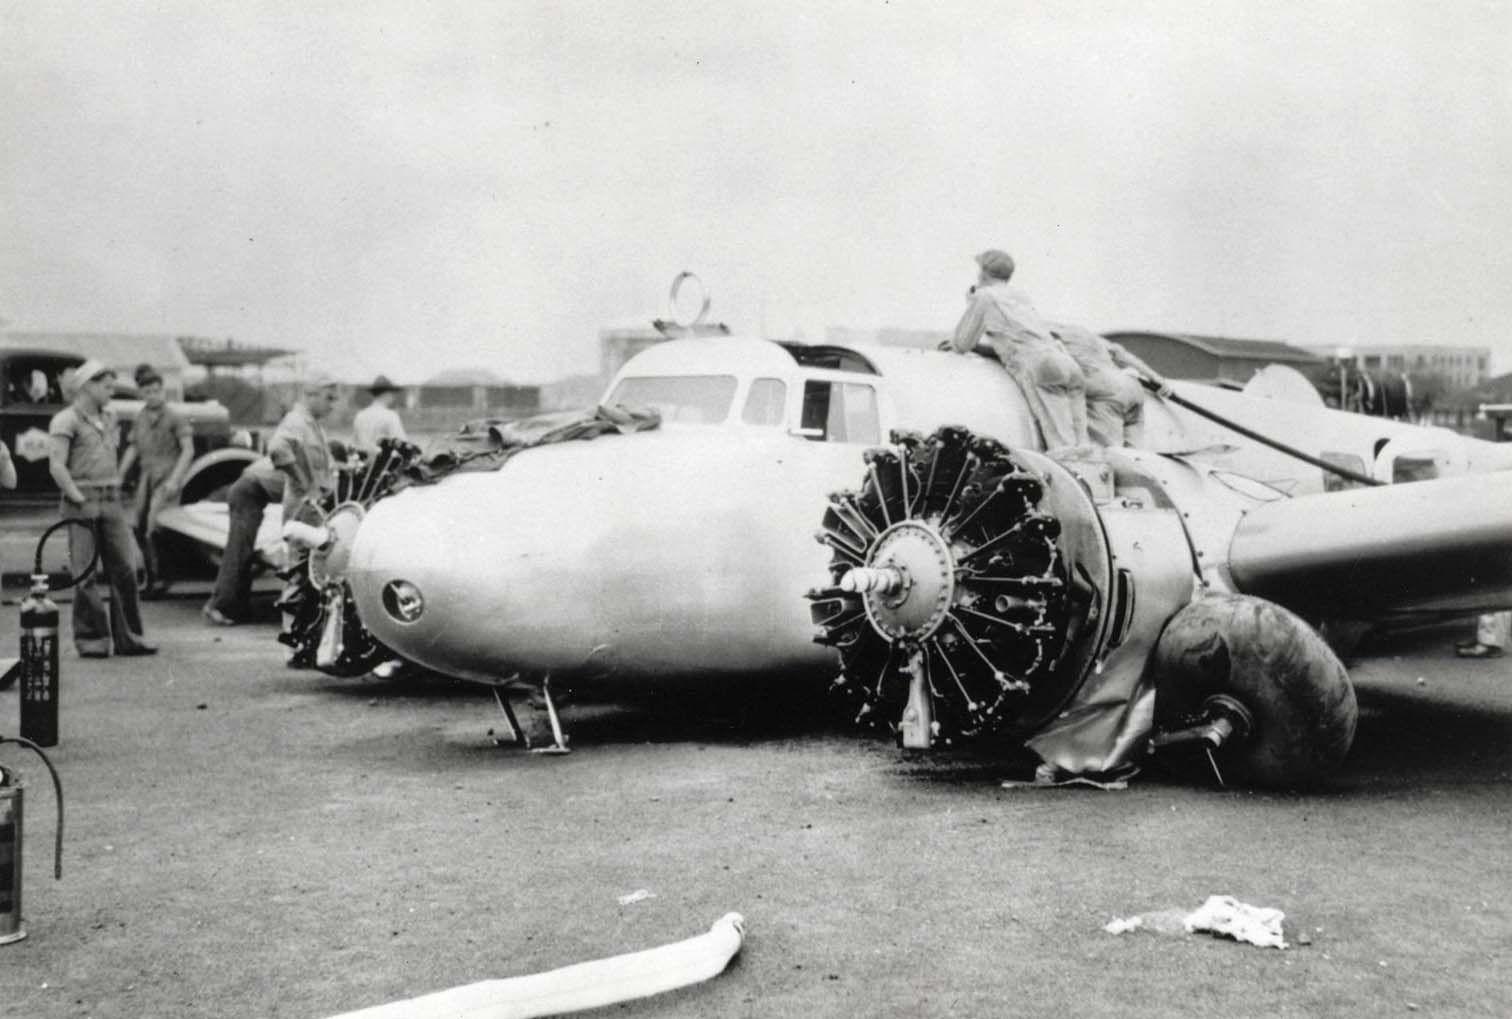 Amelia Earharts Lockheed Electra crash in Hawaii on March